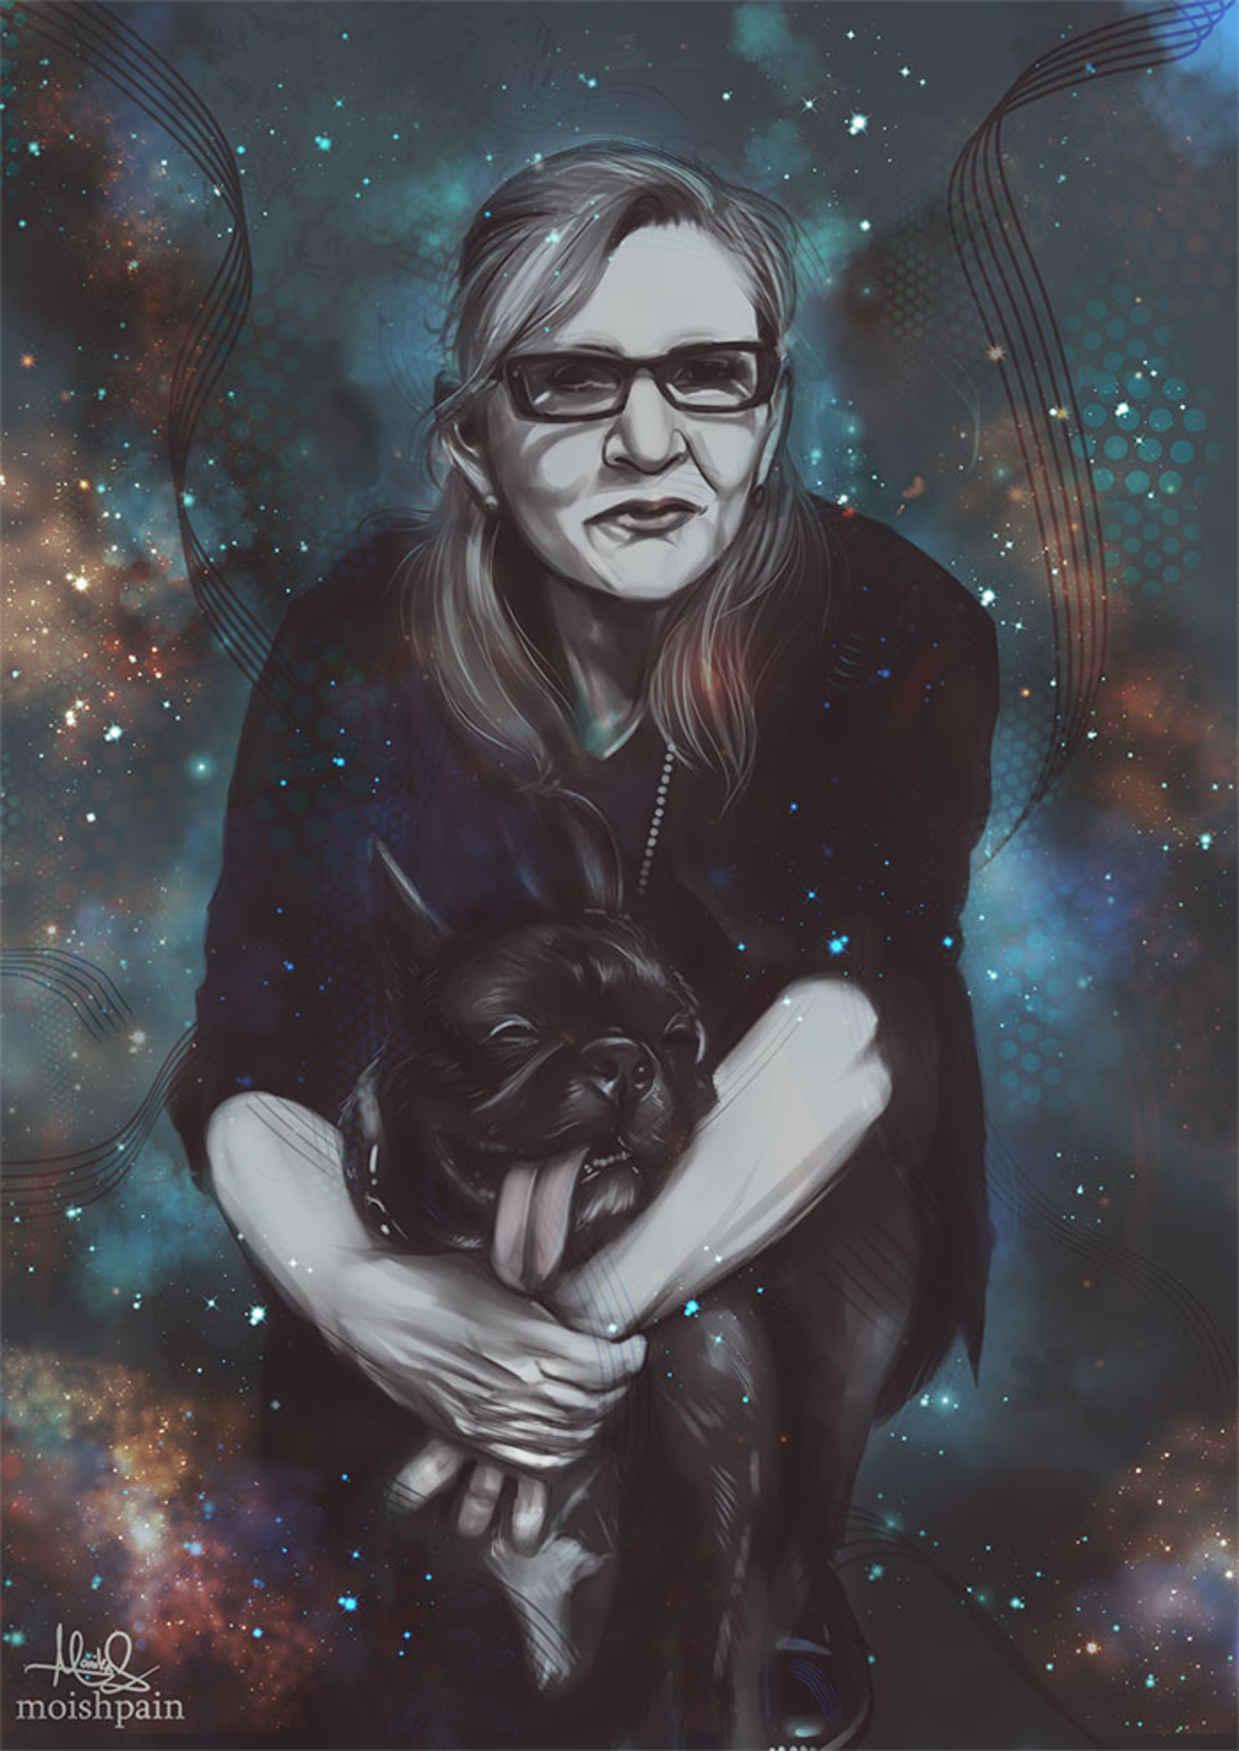 Les hommages en illustrations de Carry Fisher ou Princesse Leia dans StarWars 14